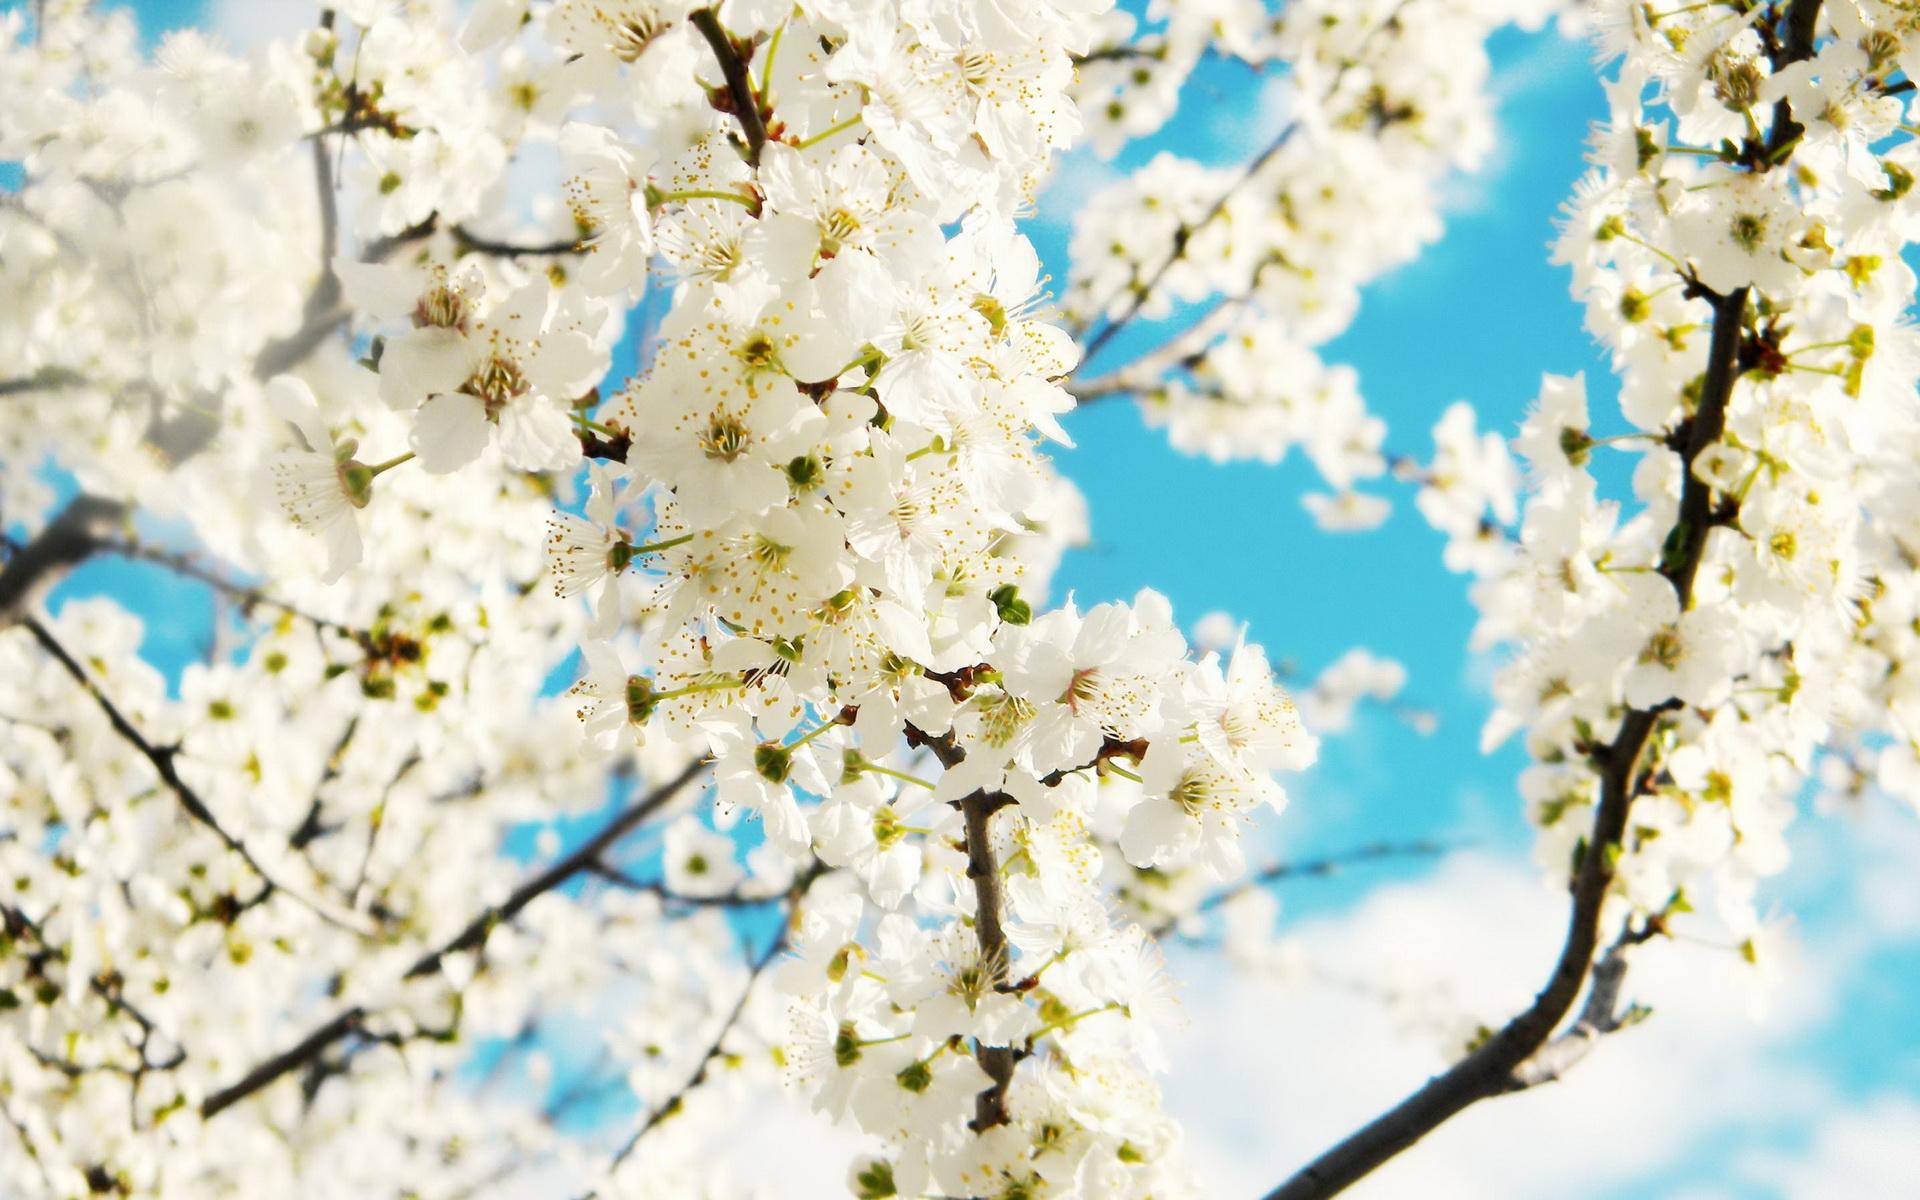 hình nền mùa xuân cho máy tính